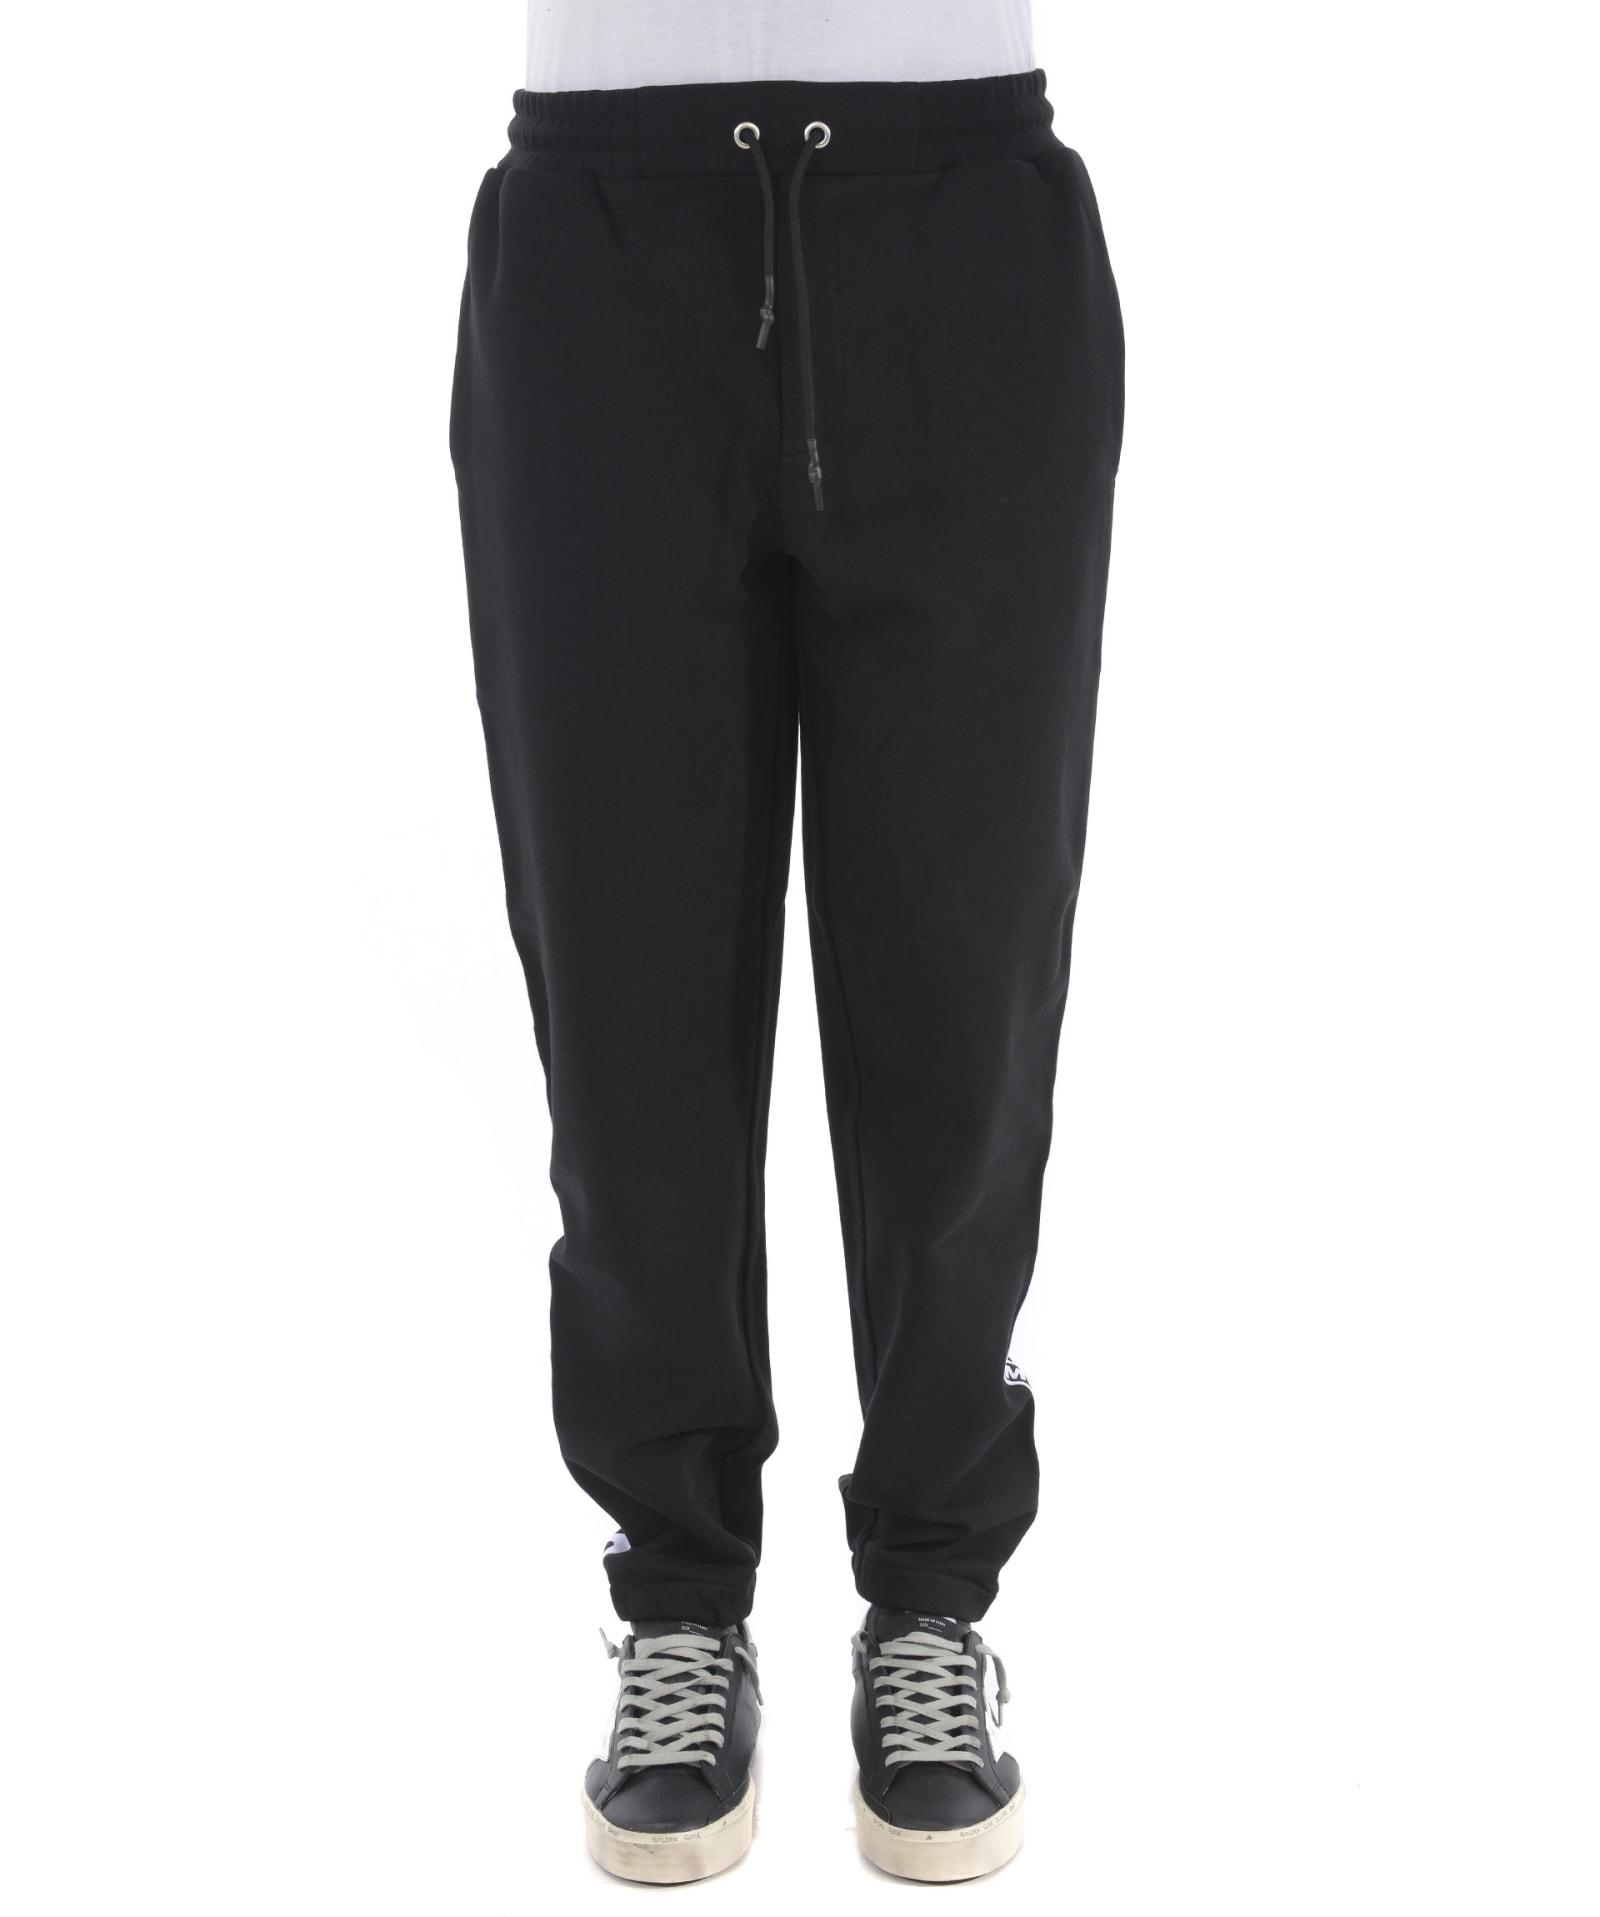 McQ Alexander McQueen Sweat Pants